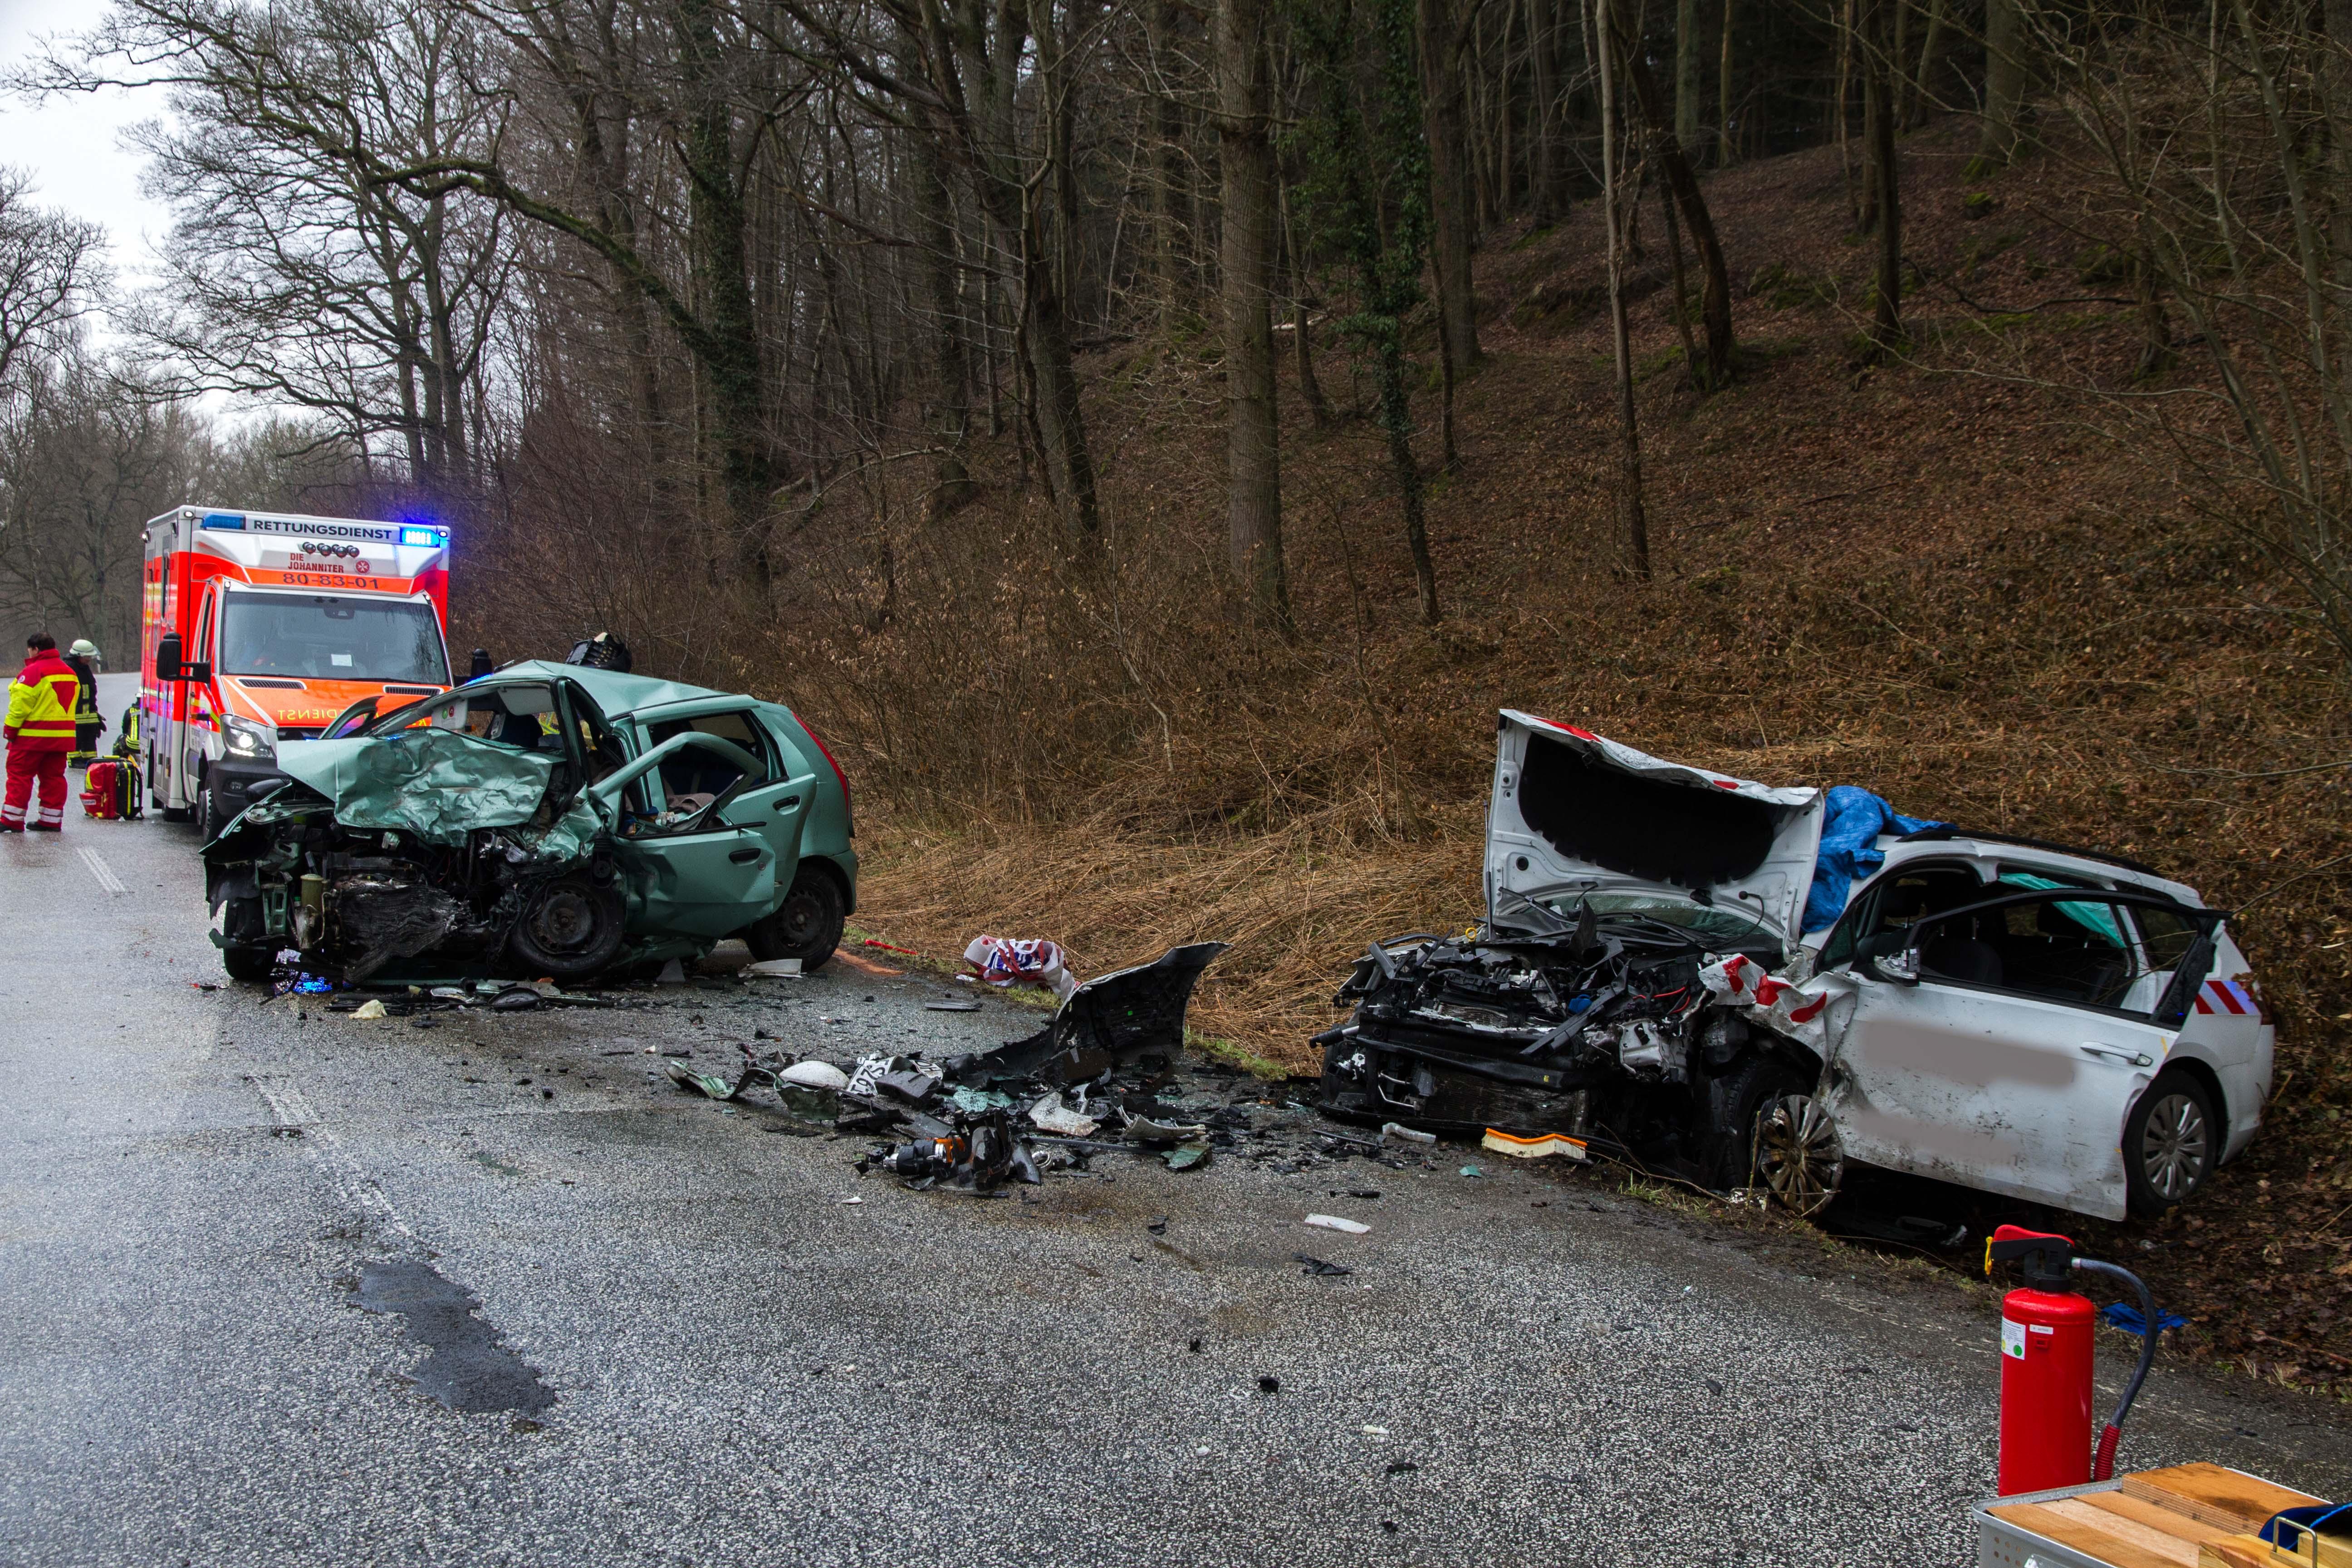 FW-PLÖ: Ein Mann stirbt auf der B 430 nach einem Verkehrsunfall ...